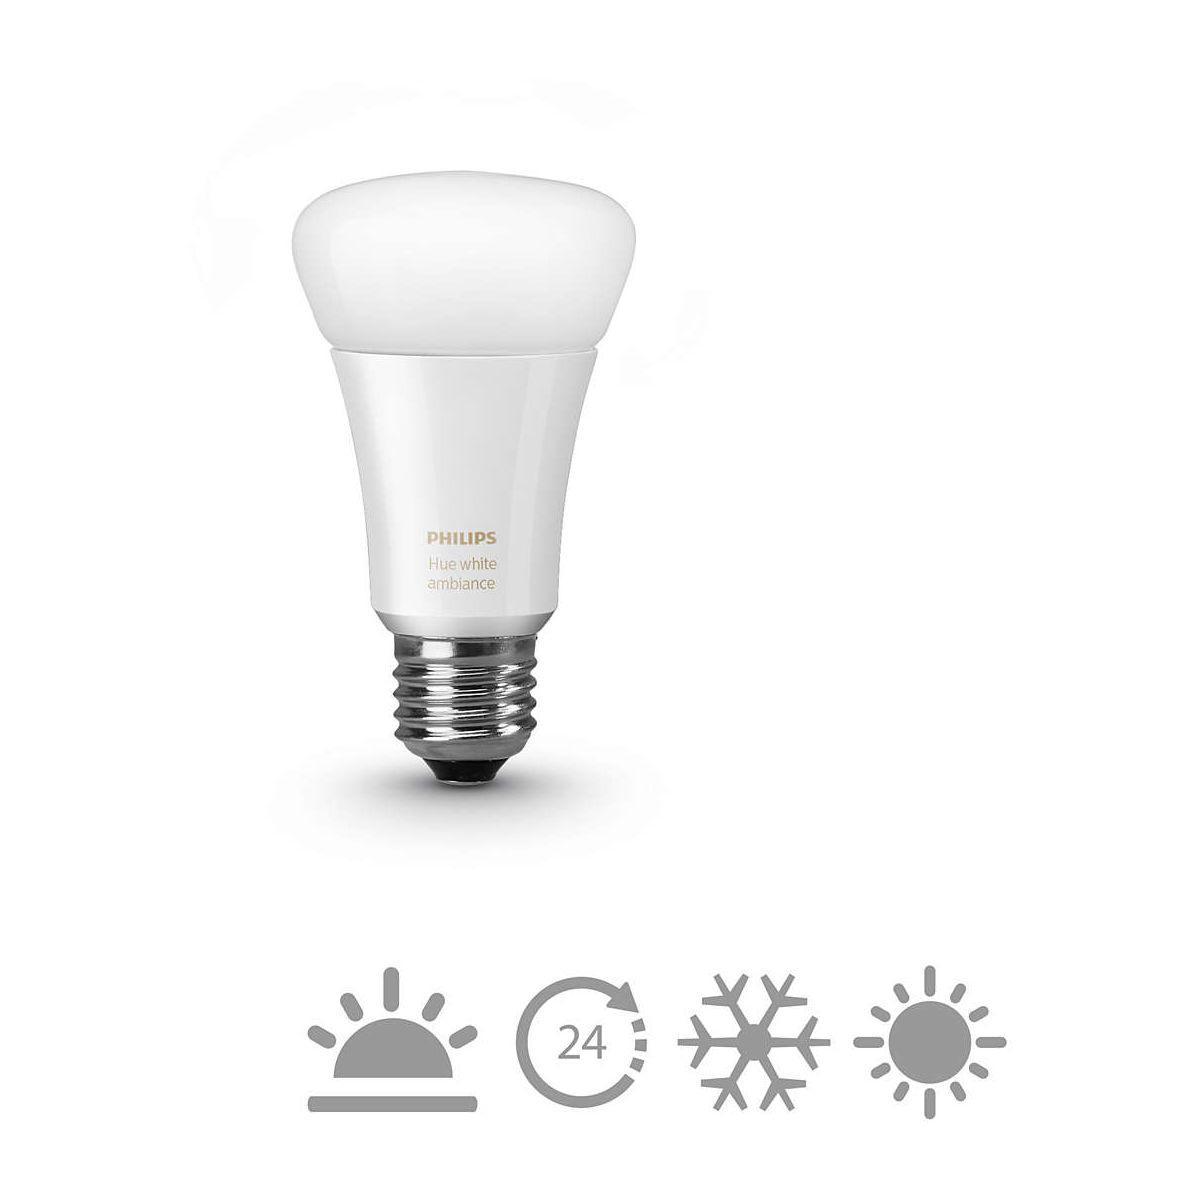 Ampoule connectable philips e27 hue white & ambiance - 2% de remise imm�diate avec le code : school2 (photo)